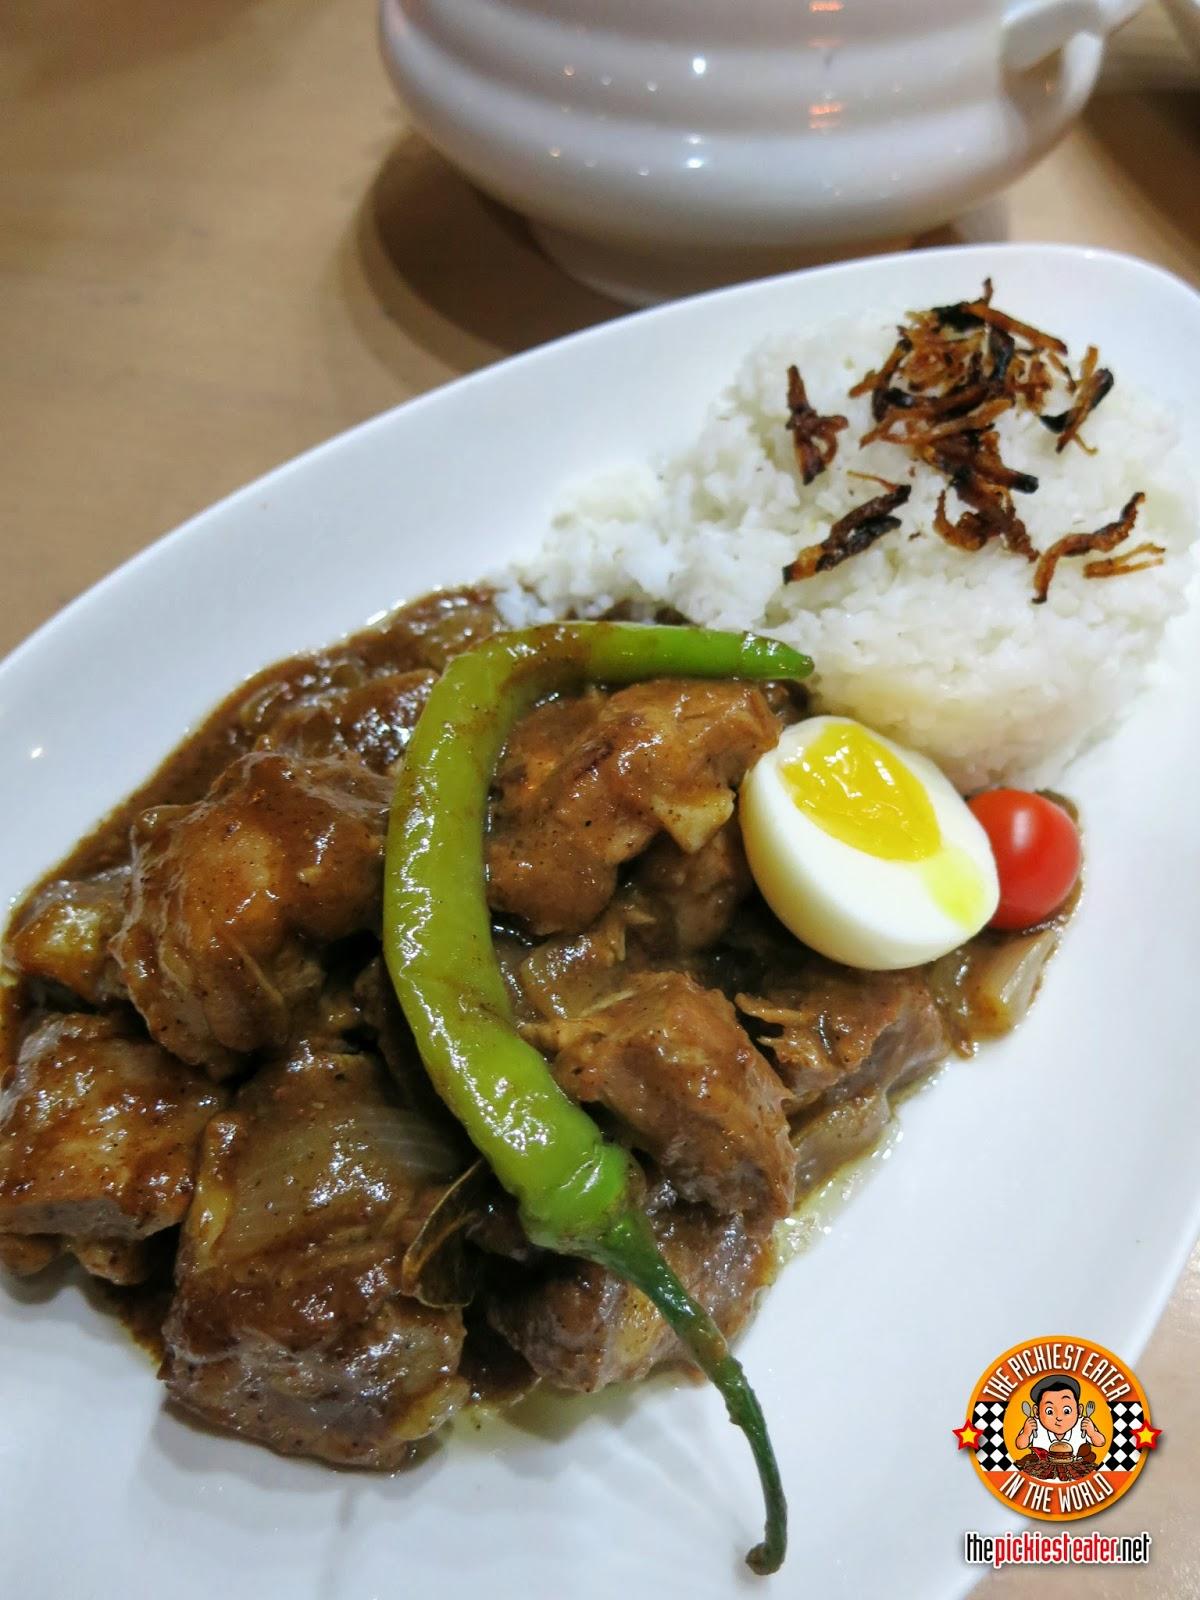 Pino Bagnet Menu bagnet ribs lechon paksiw